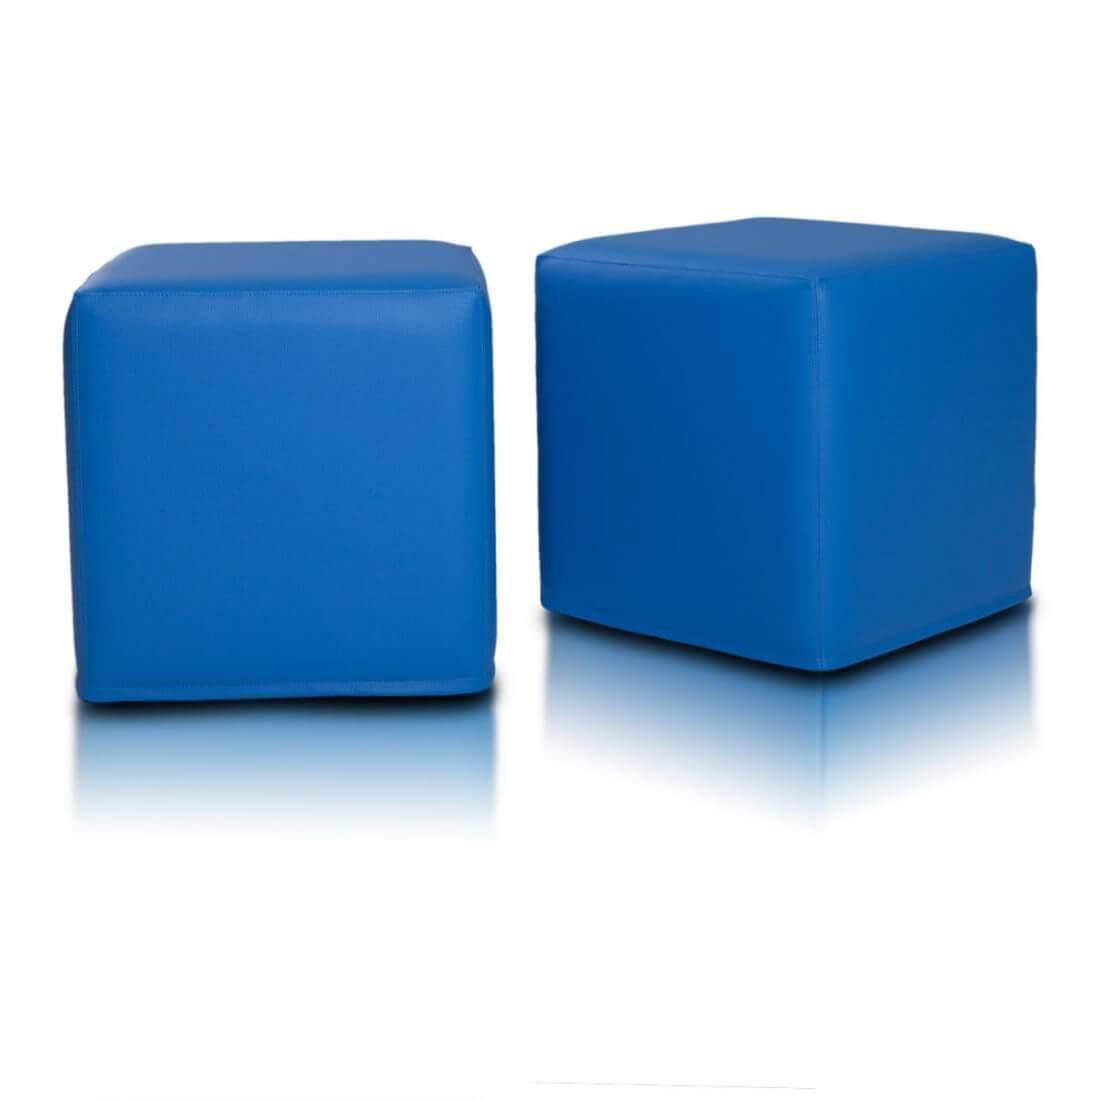 Kostka 40x40 cm modra